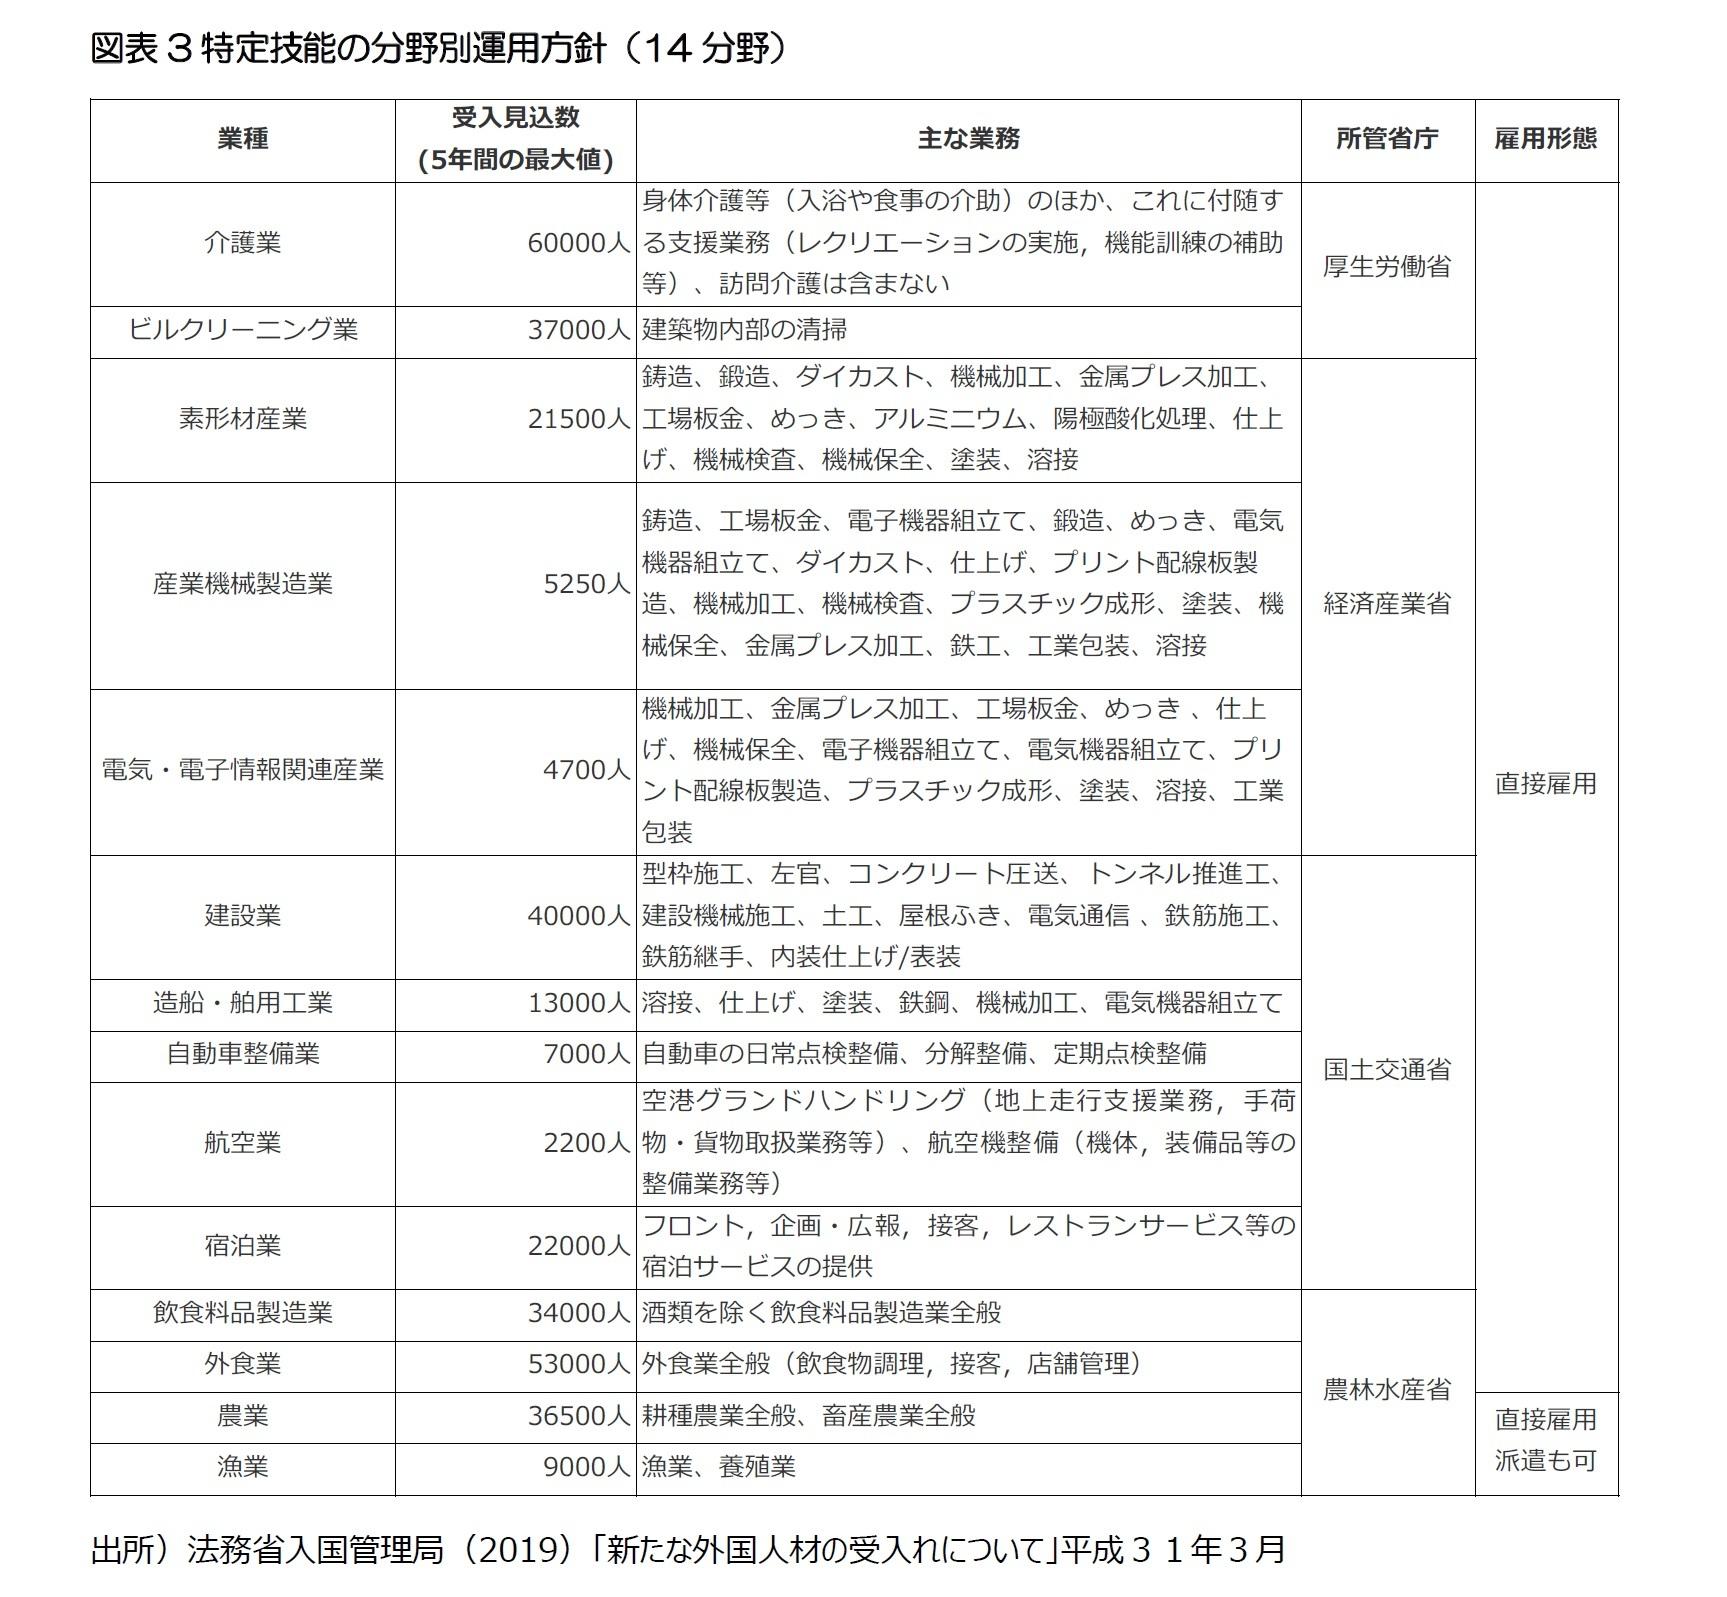 図表3特定技能の分野別運用方針(14分野)